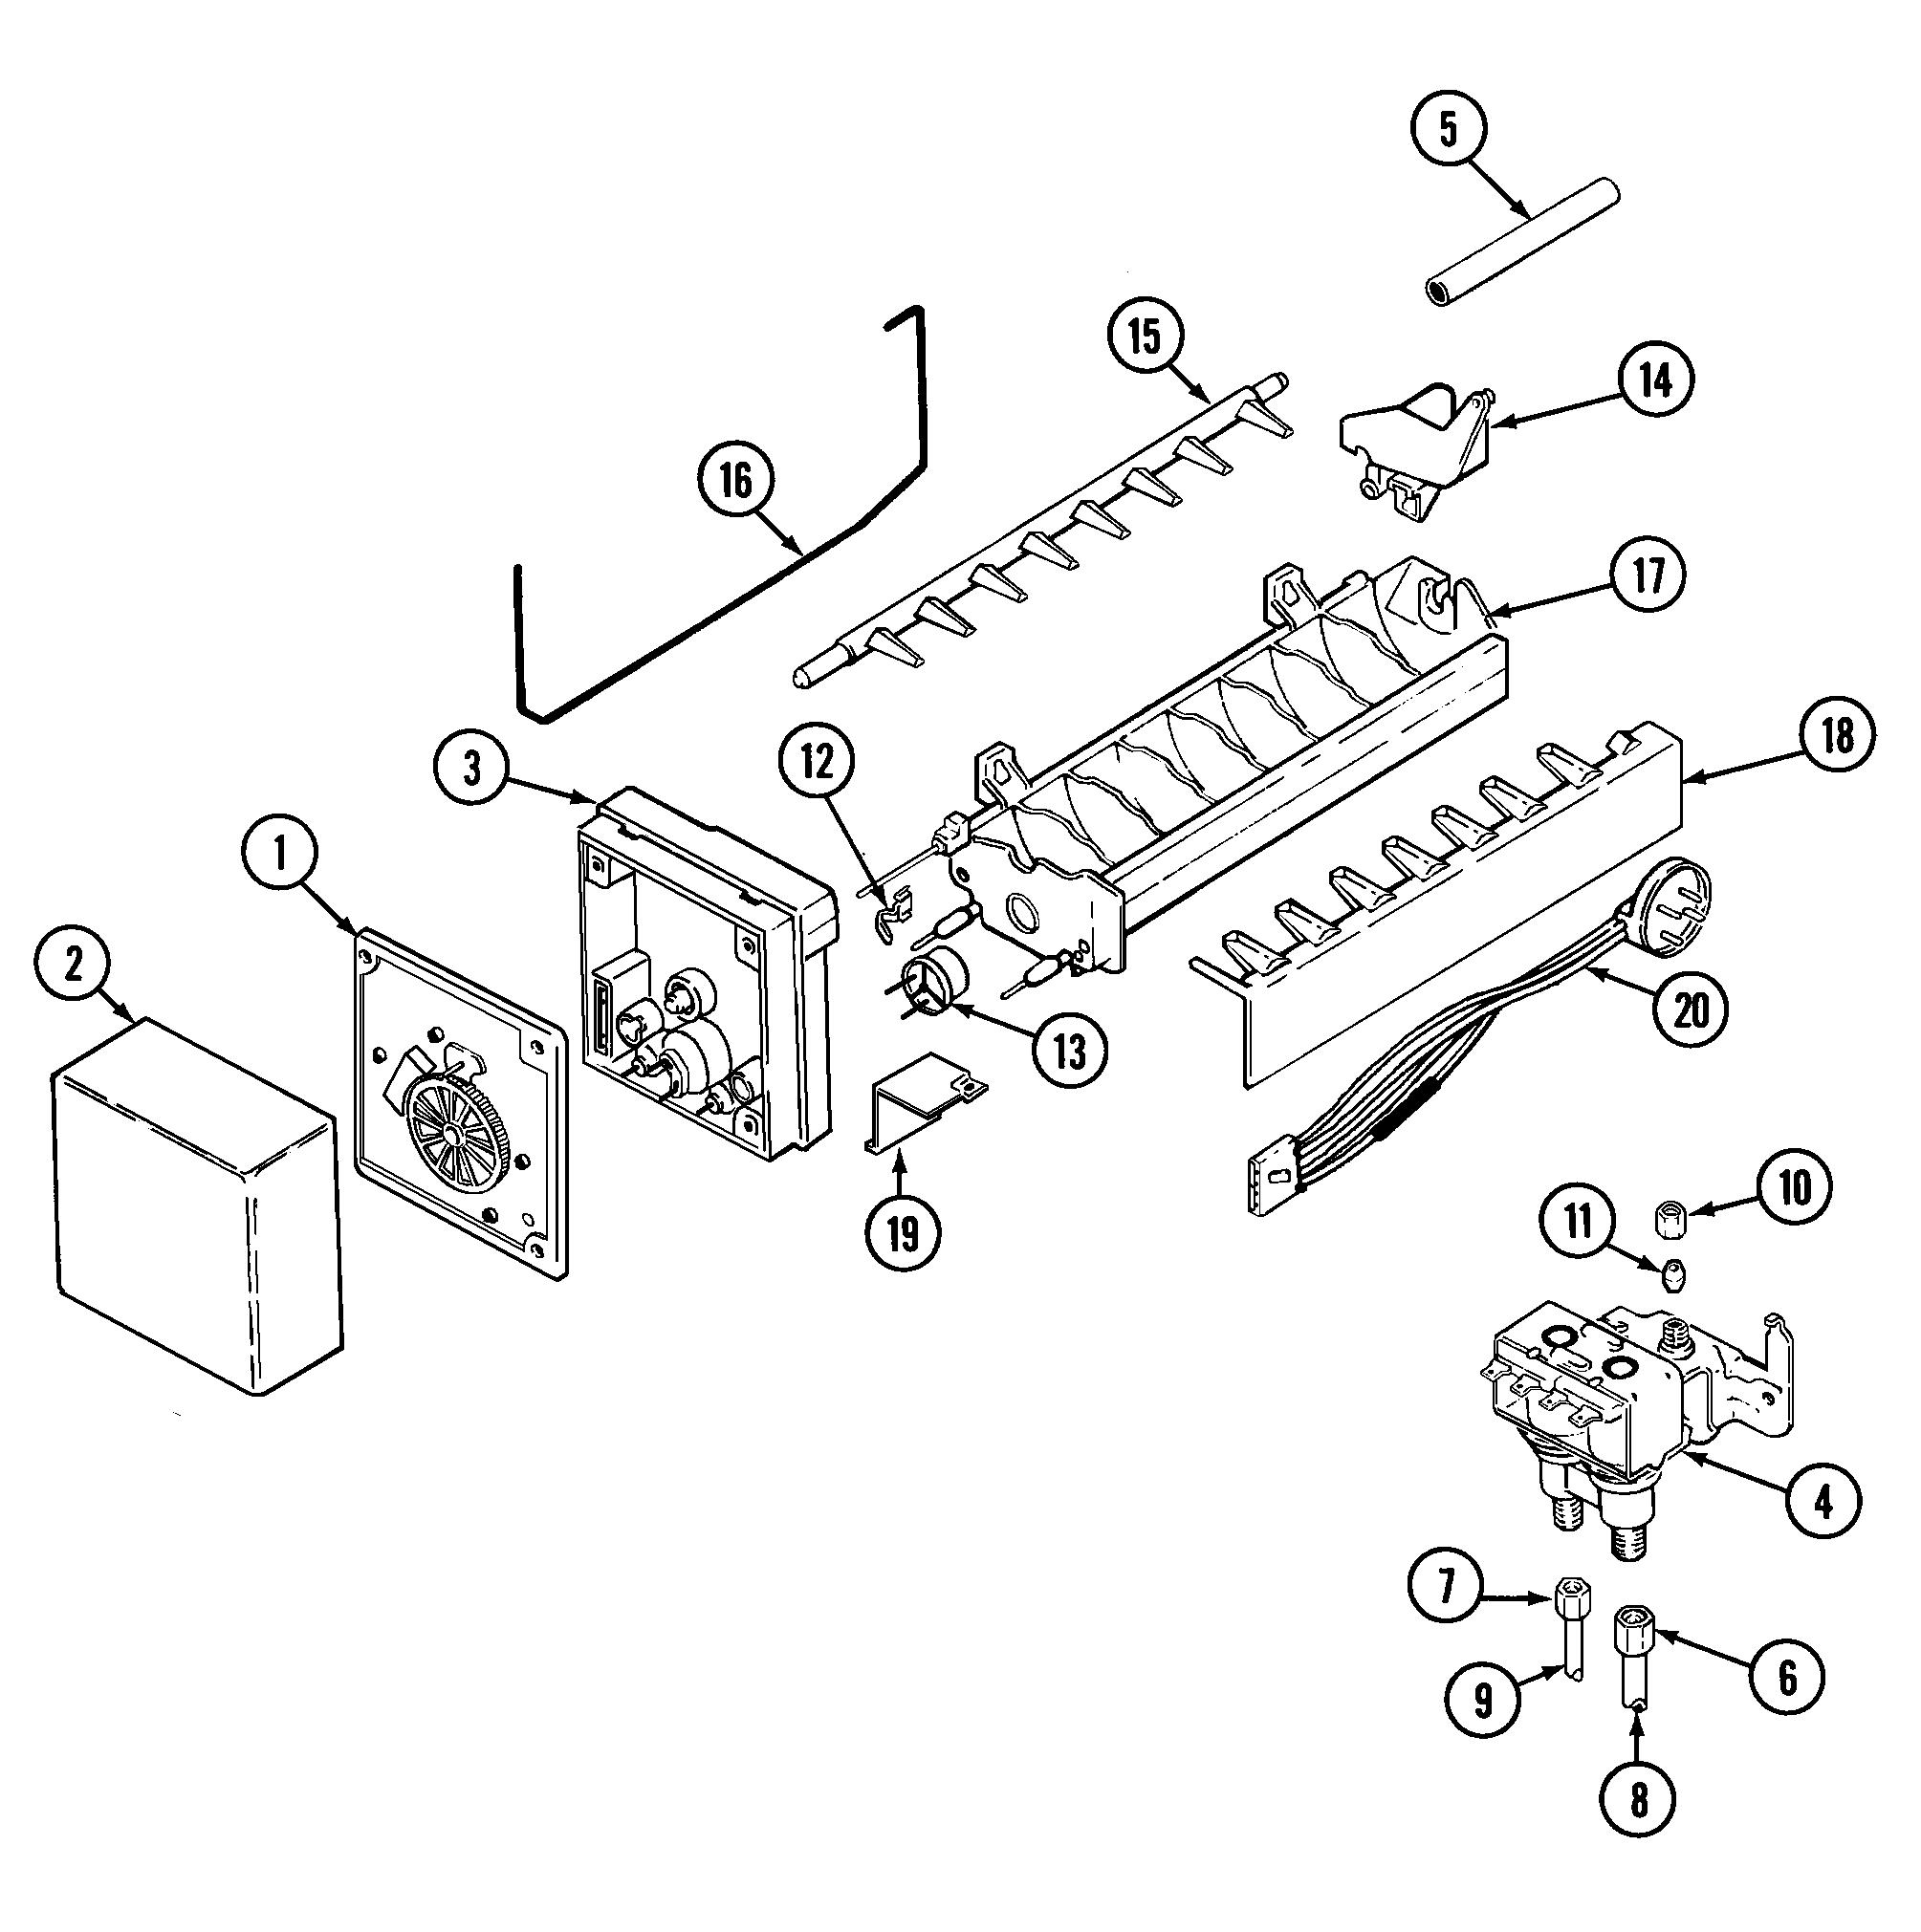 Maytag model gs22b6c3ev side by side refrigerator genuine parts